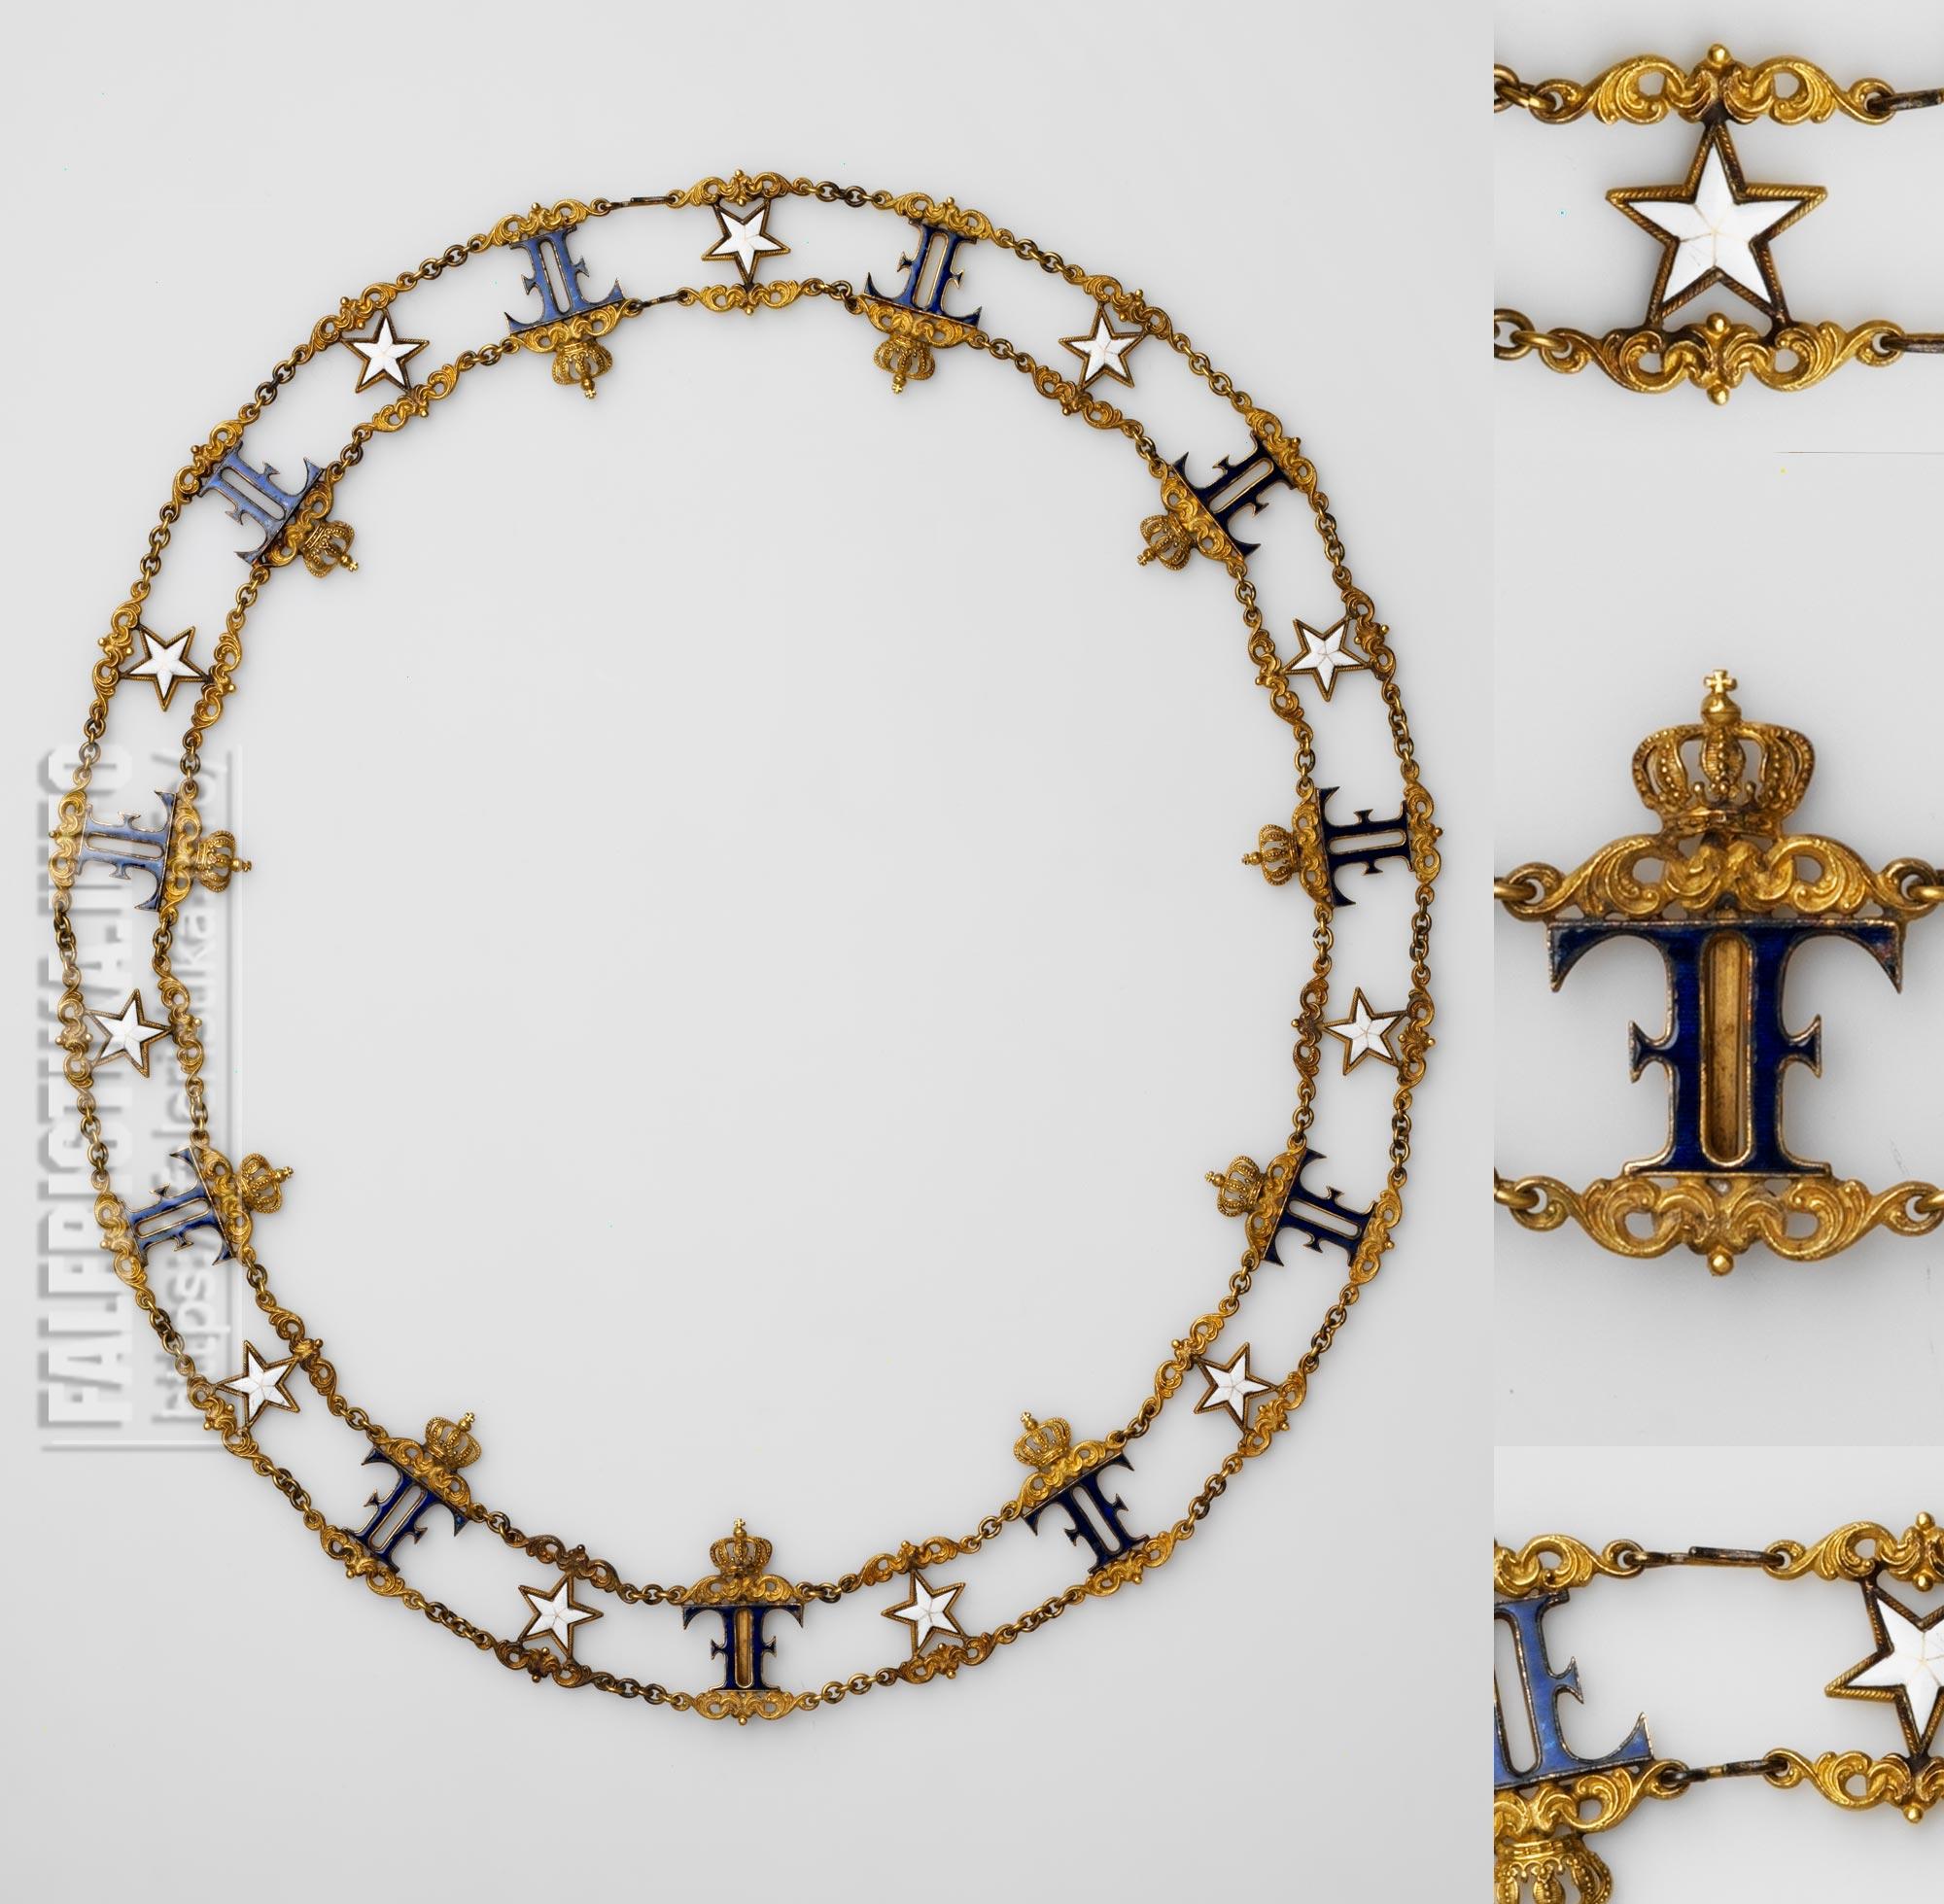 Орден Полярной Звезды. Цепь. Аверс. Учрежден в 1748 г.